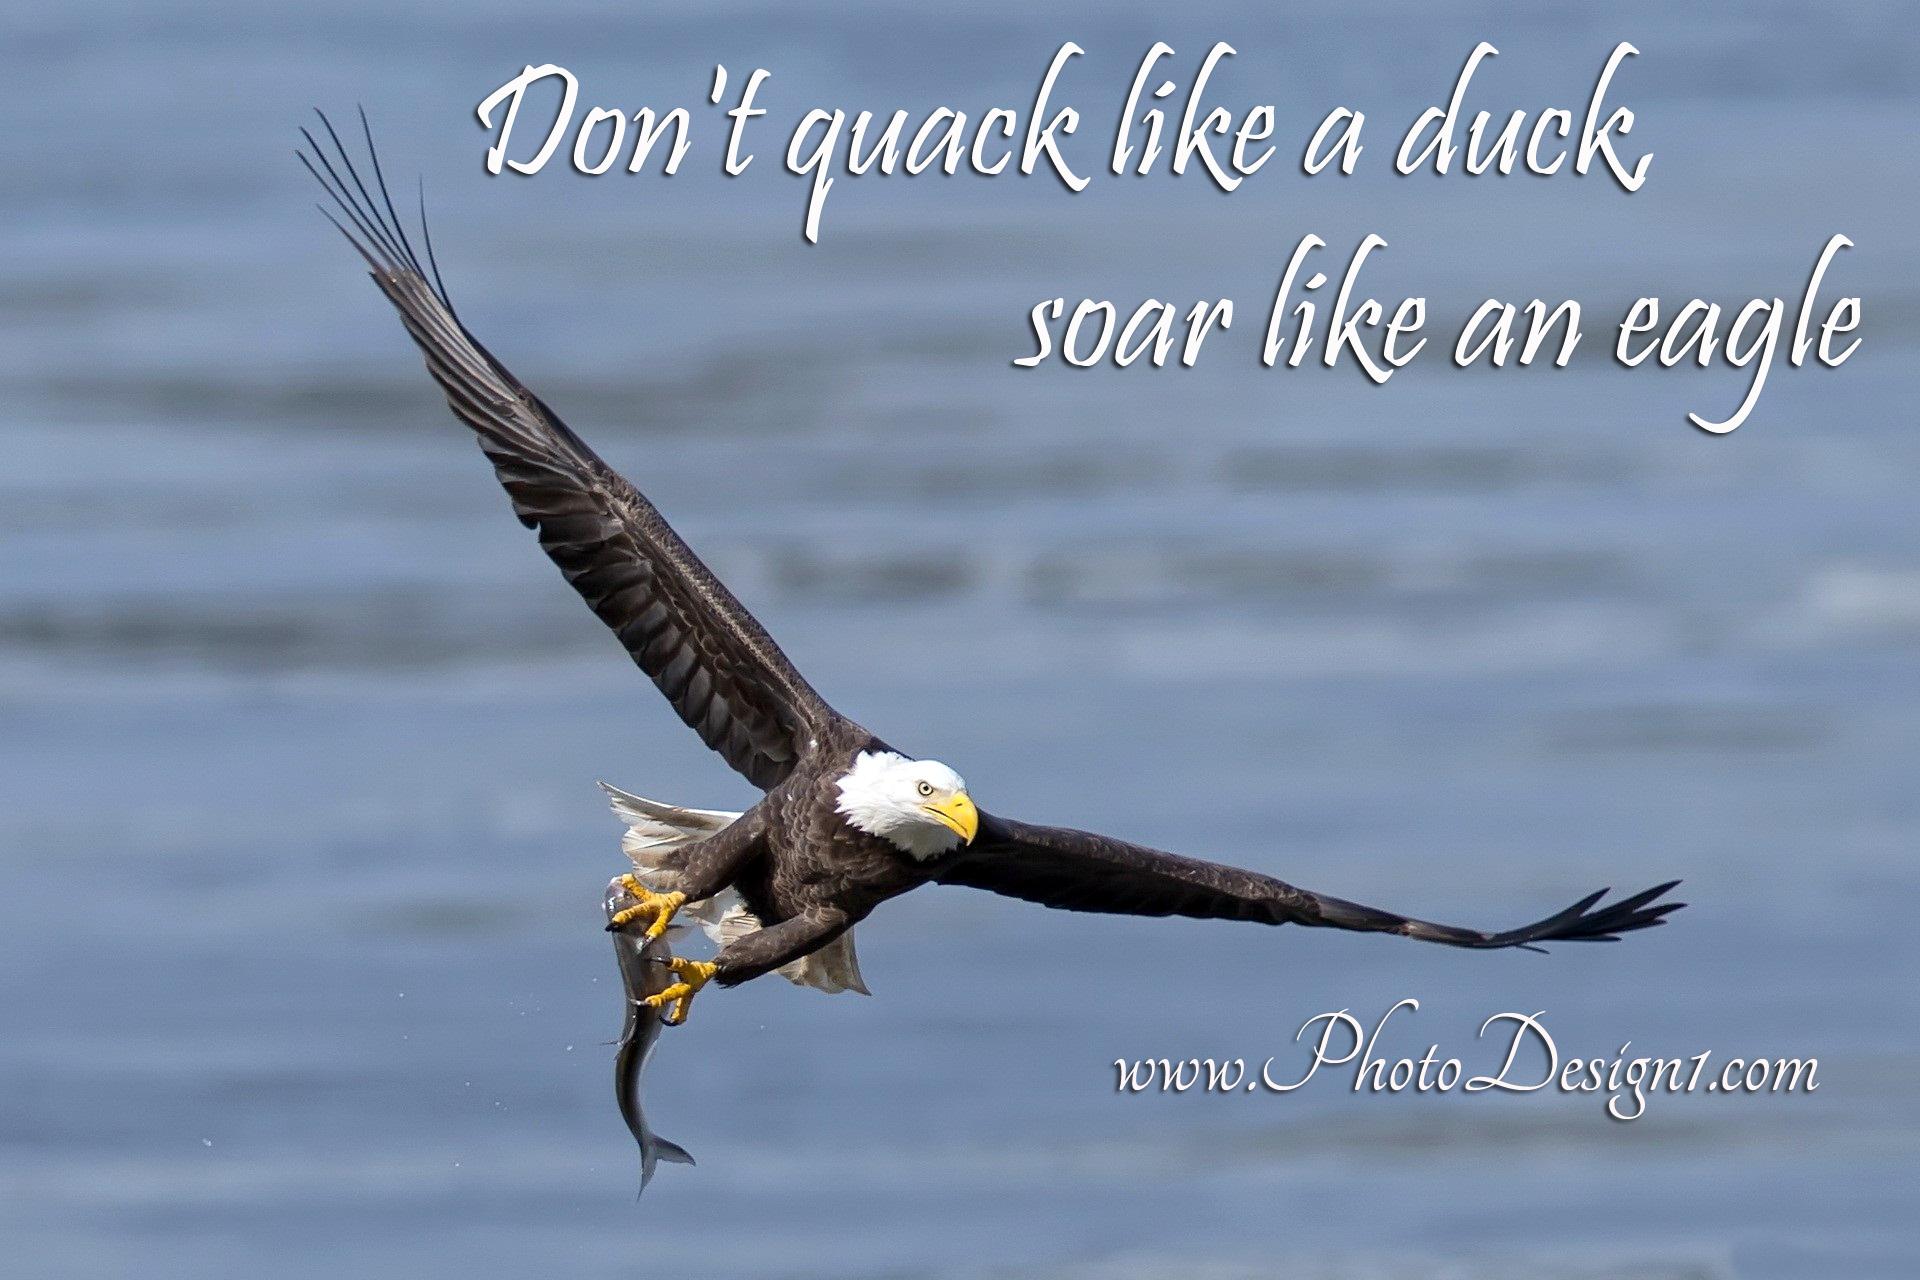 Eagle quote #2